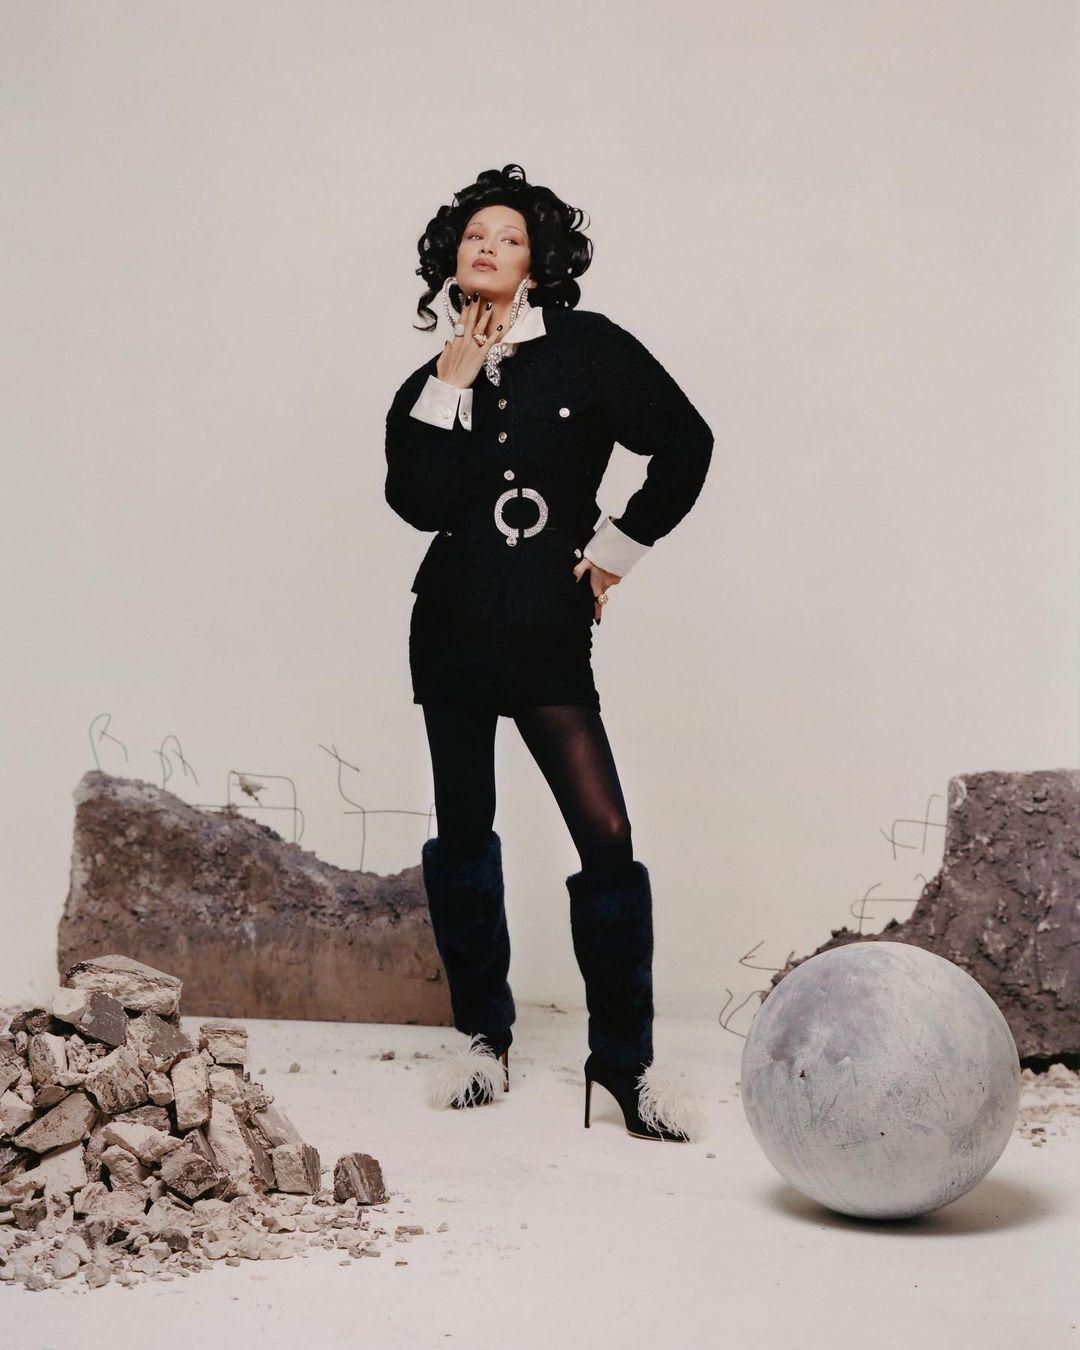 Белла Хадид снялась для испанского Vogue в образе Марии Антуанетты (ФОТО) - фото №3